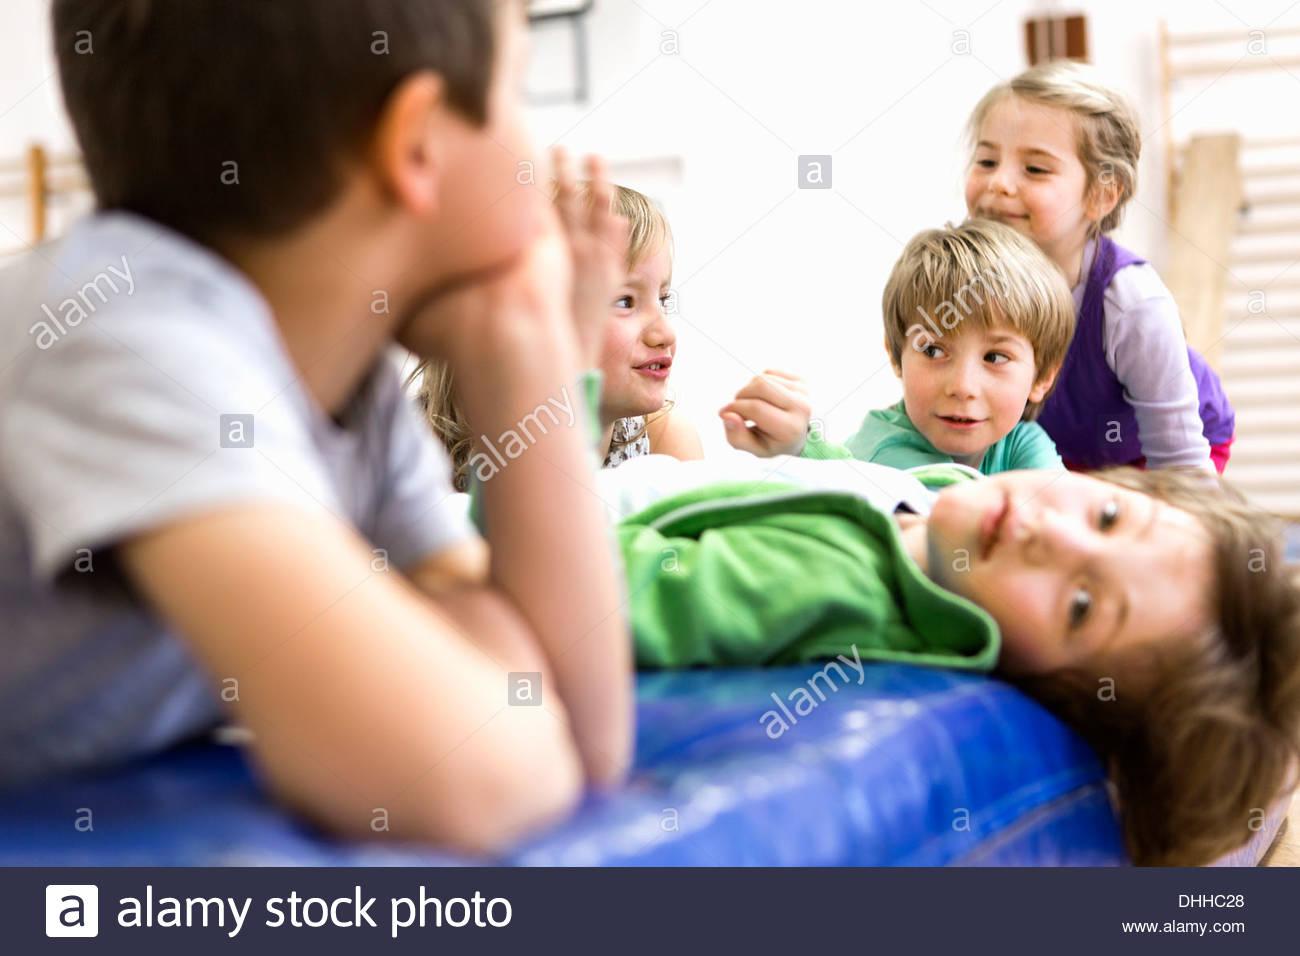 Kinder sitzen und liegen auf Trainingsmatten Stockbild